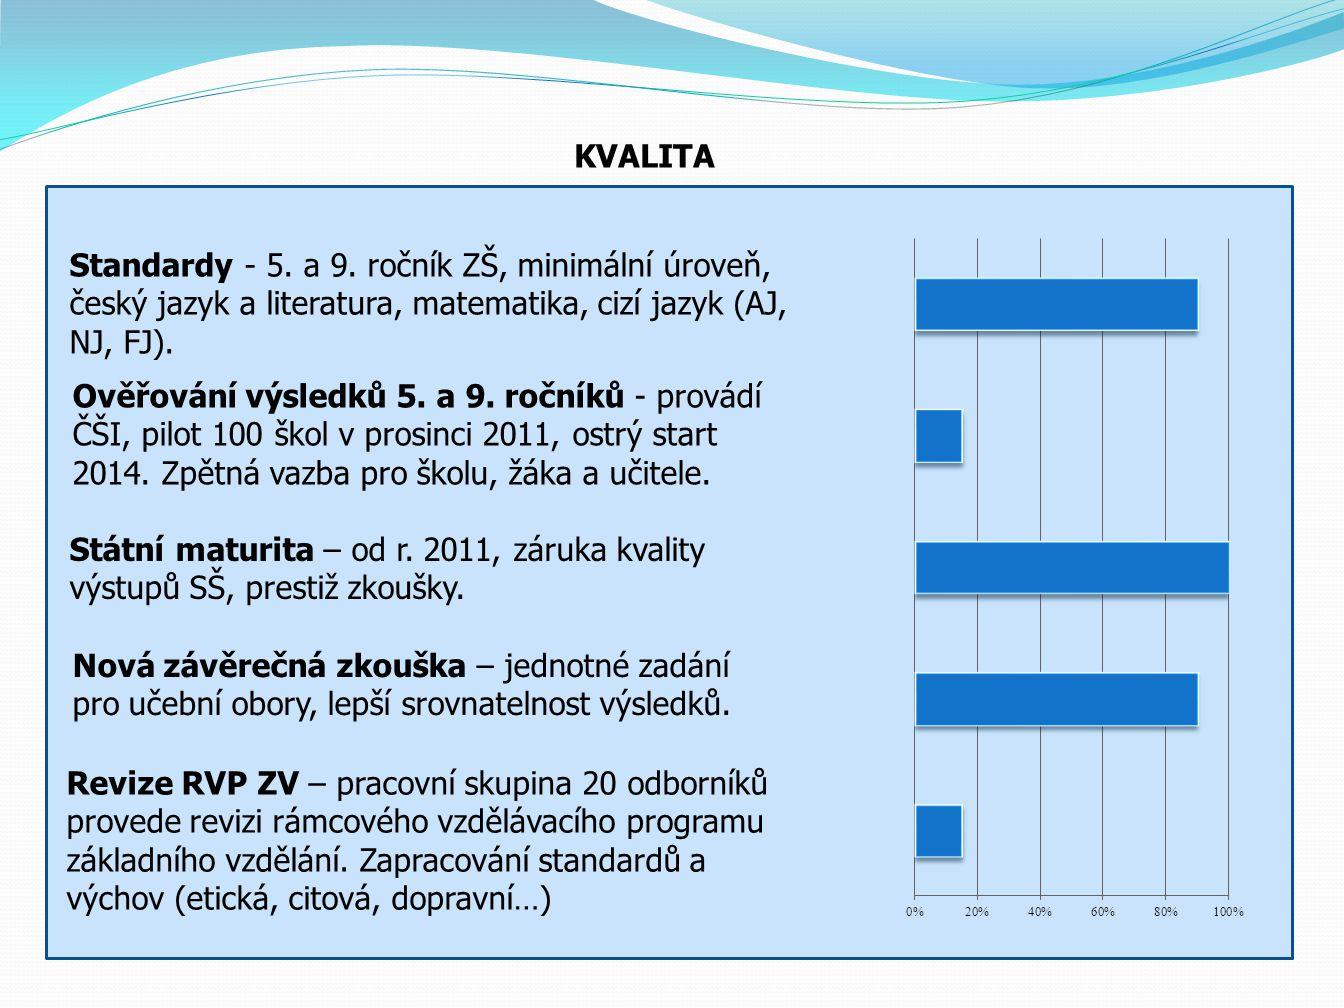 Názorná ilustrace negativ stávajícího systému výrazné meziroční a především mezikrajské rozdíly ve mzdových výdajích na 1 žáka v 1 oboru vzdělání Normativ MP v jednotlivých krajích v letech 2010 a 2009 pro obor 53-41-M/007 Zdravotnický asistent